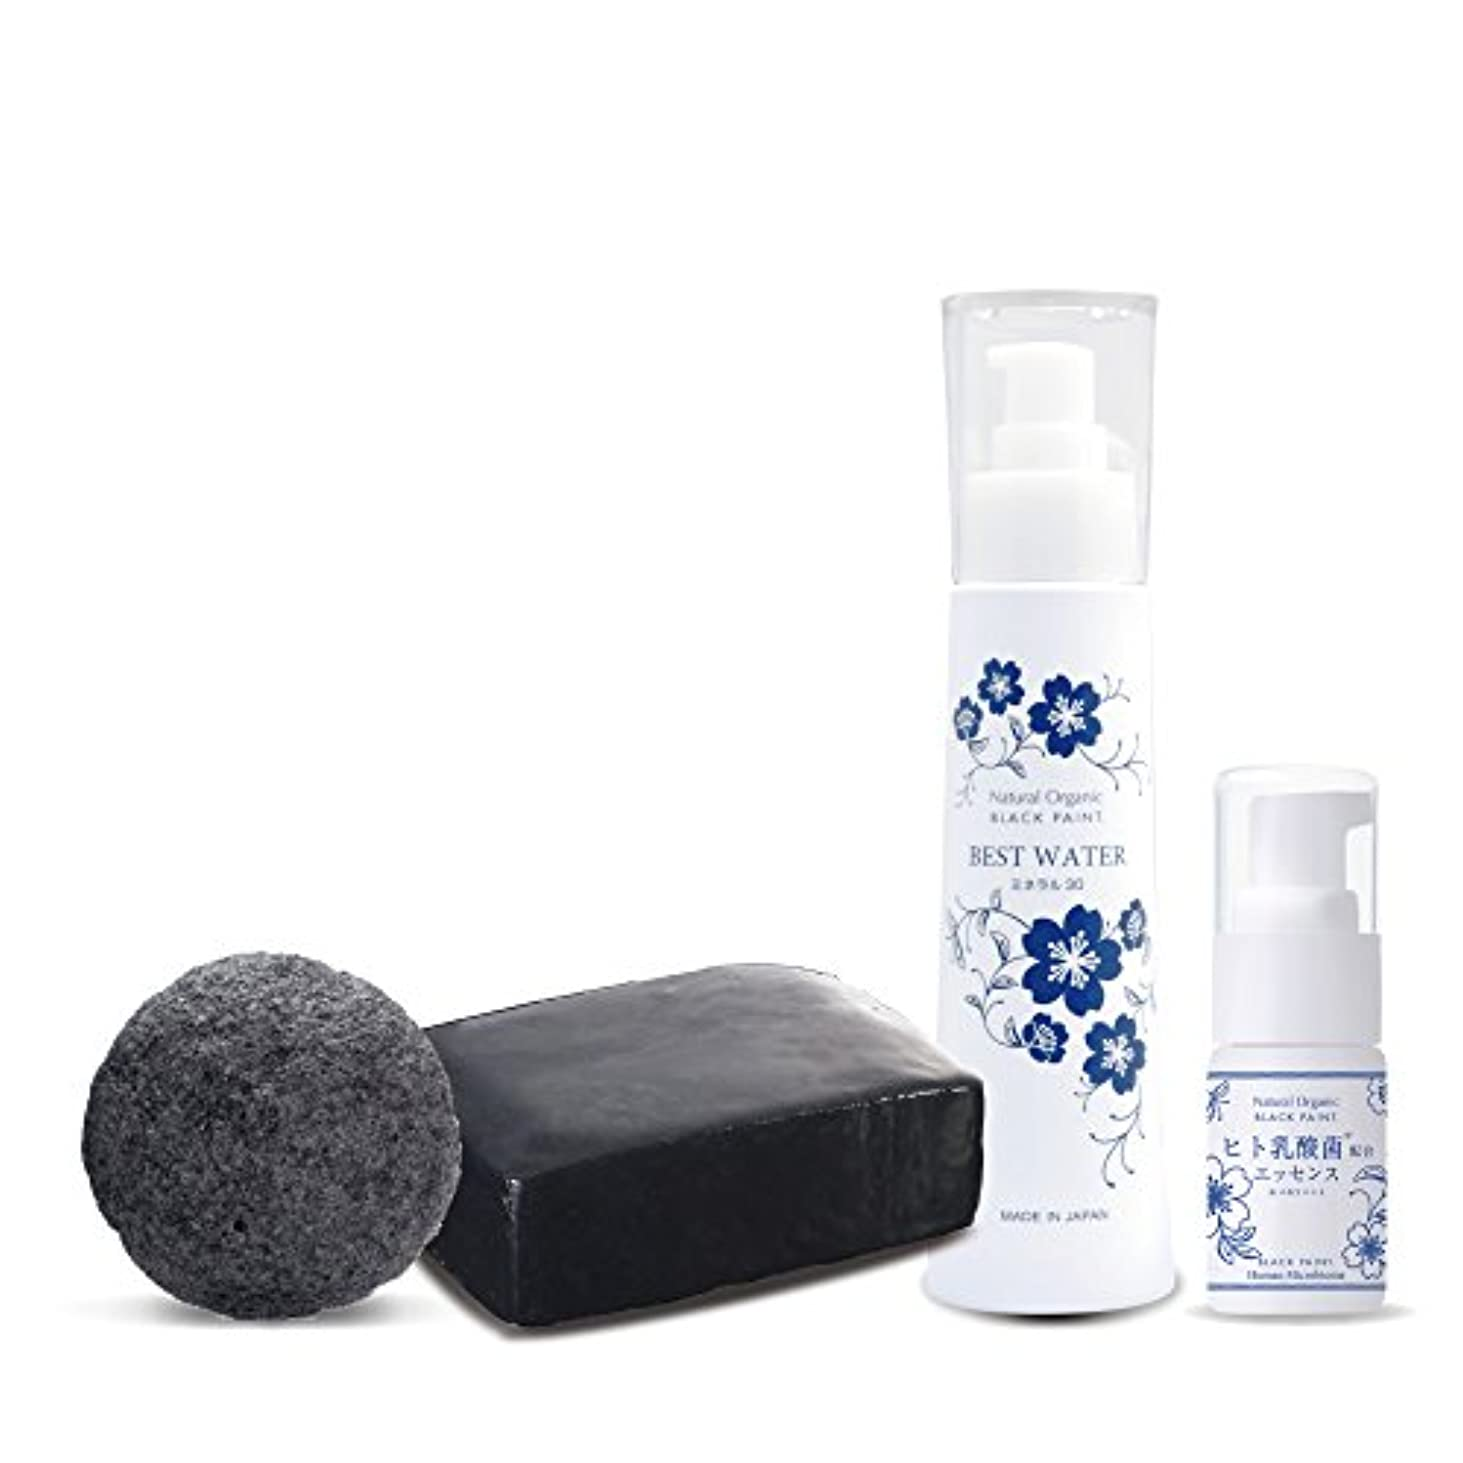 洗練マキシム削除するヒト乳酸菌エッセンス10ml&ブラックペイント60g&ブラックスポンジミニ&ベストウォーター100ml 洗顔セット